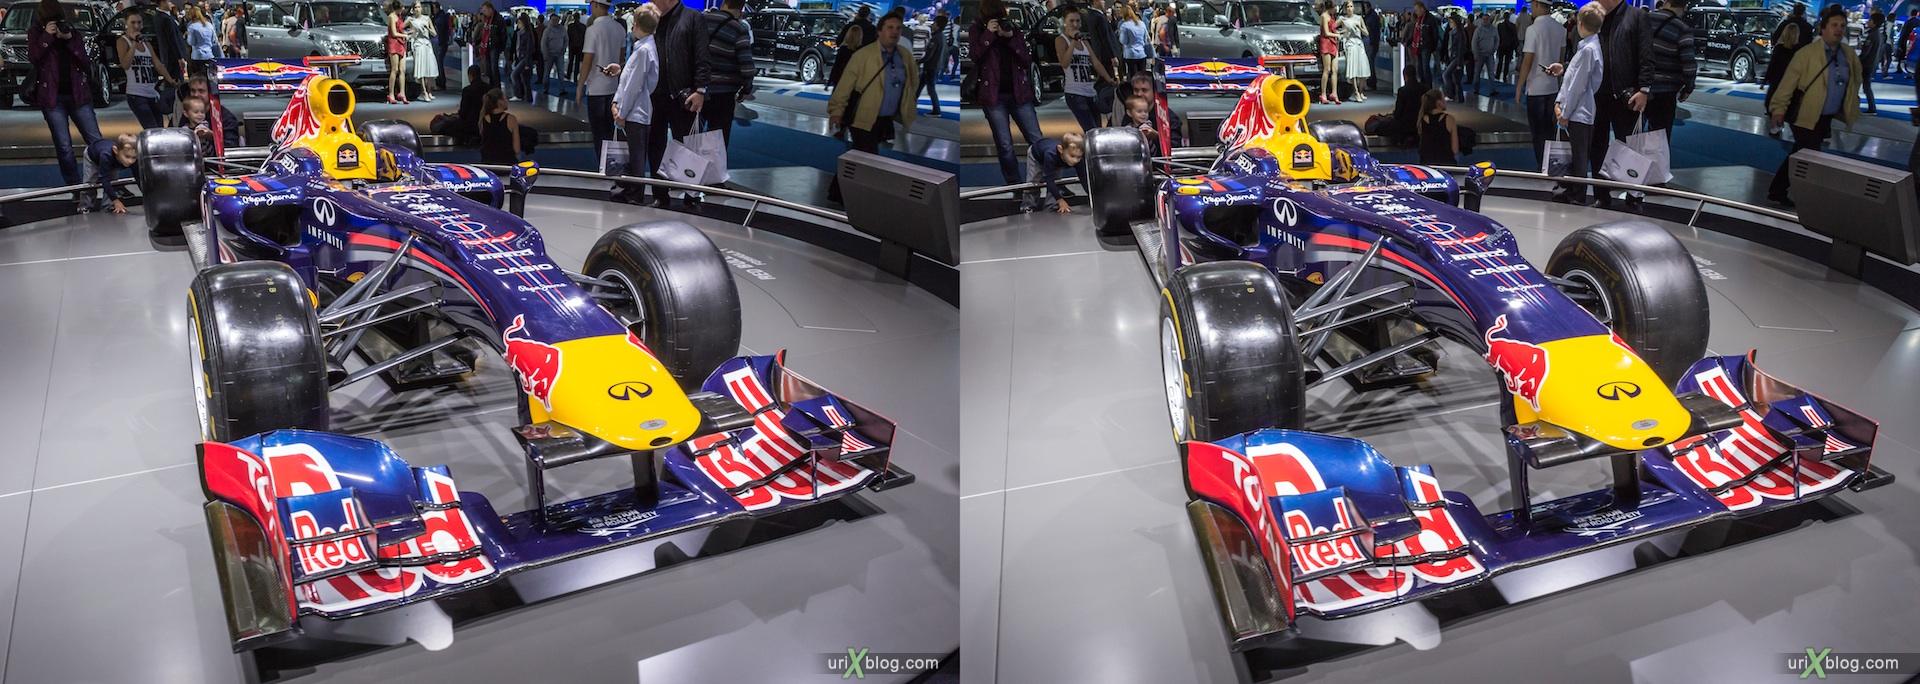 2012, Renault Furmula 1 F1, Московский международный автомобильный салон, ММАС, Крокус Экспо, 3D, стереопара